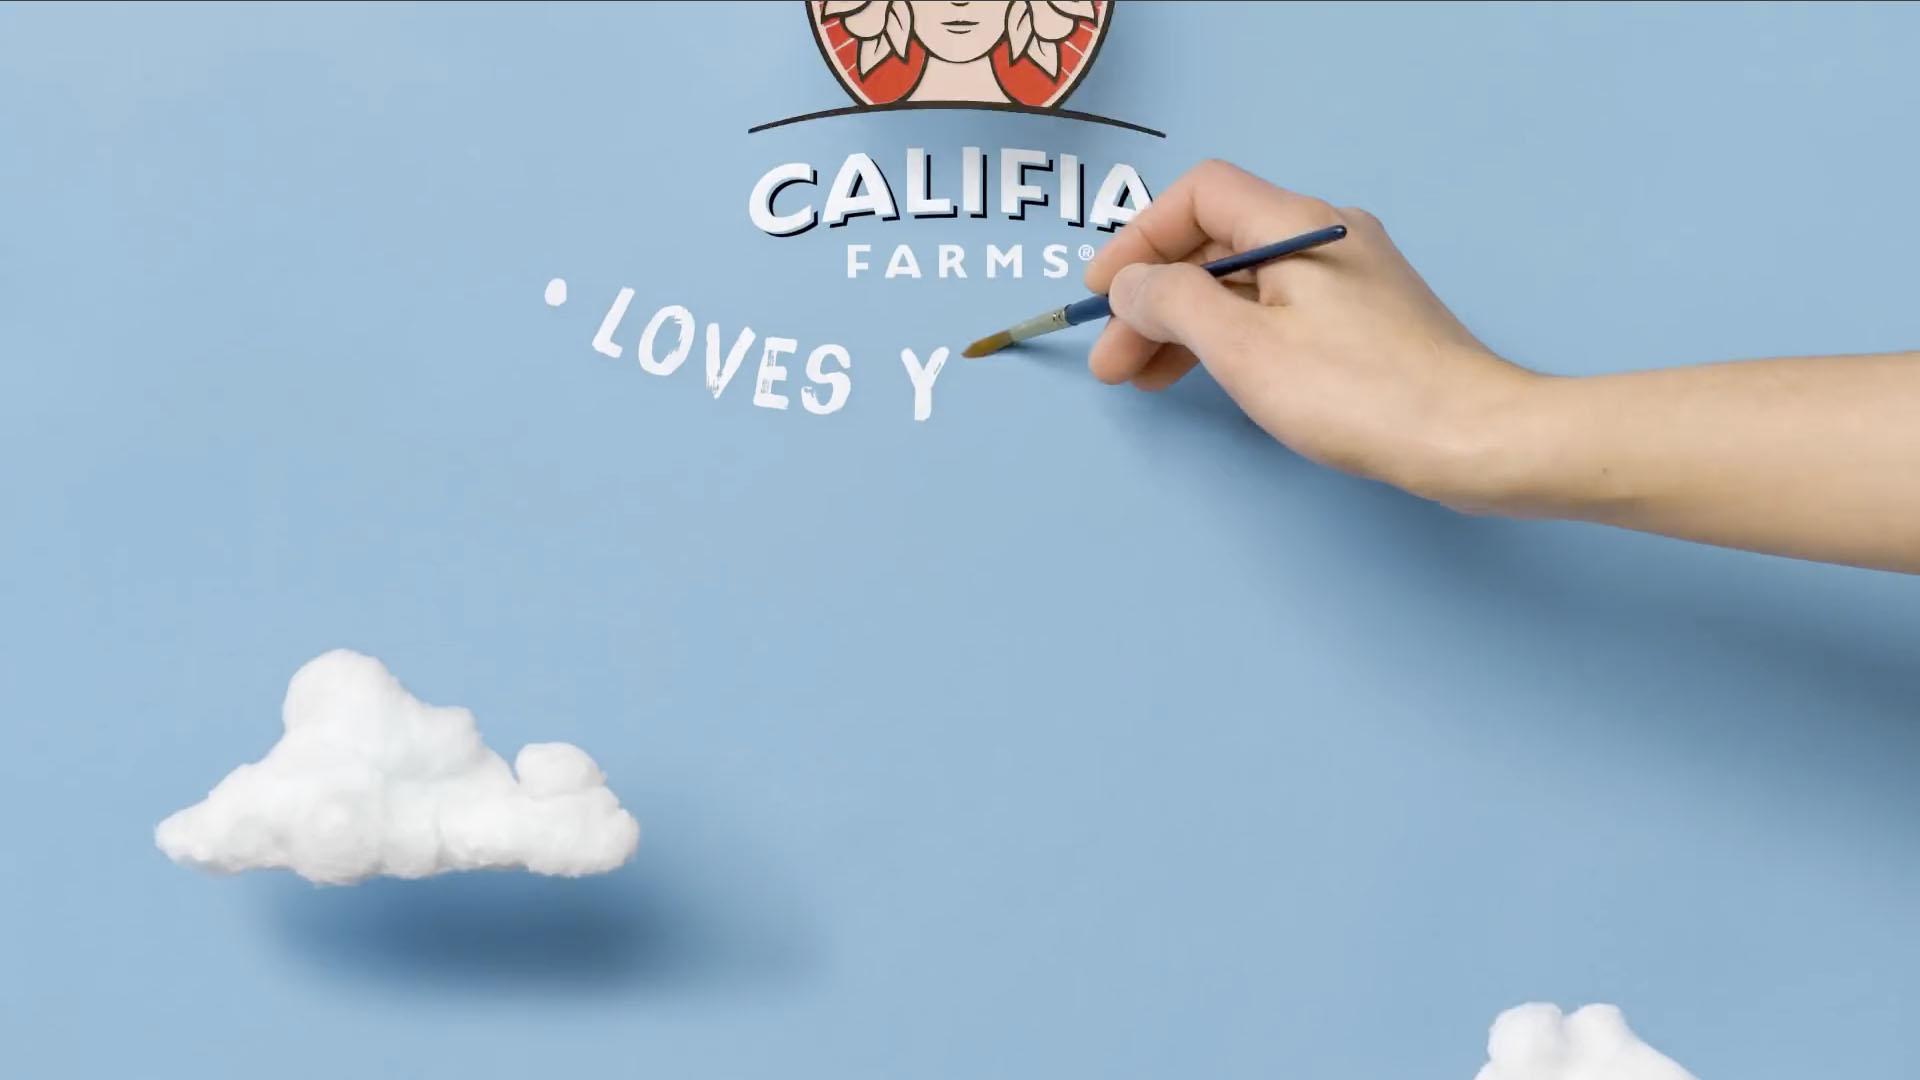 Califia_11.jpg